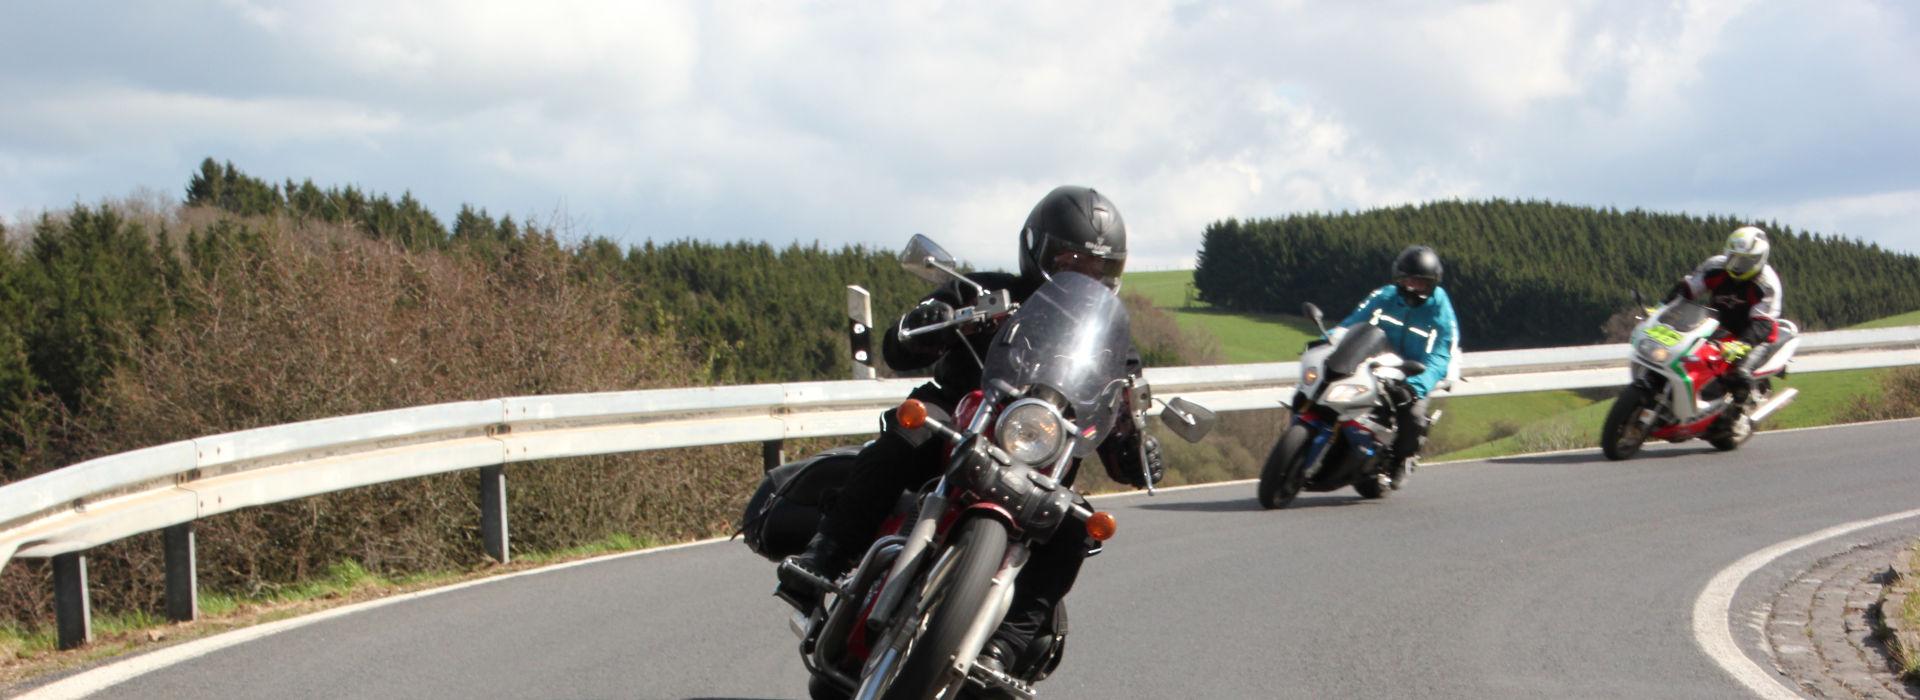 Motorrijbewijspoint Blitterswijck motorrijlessen